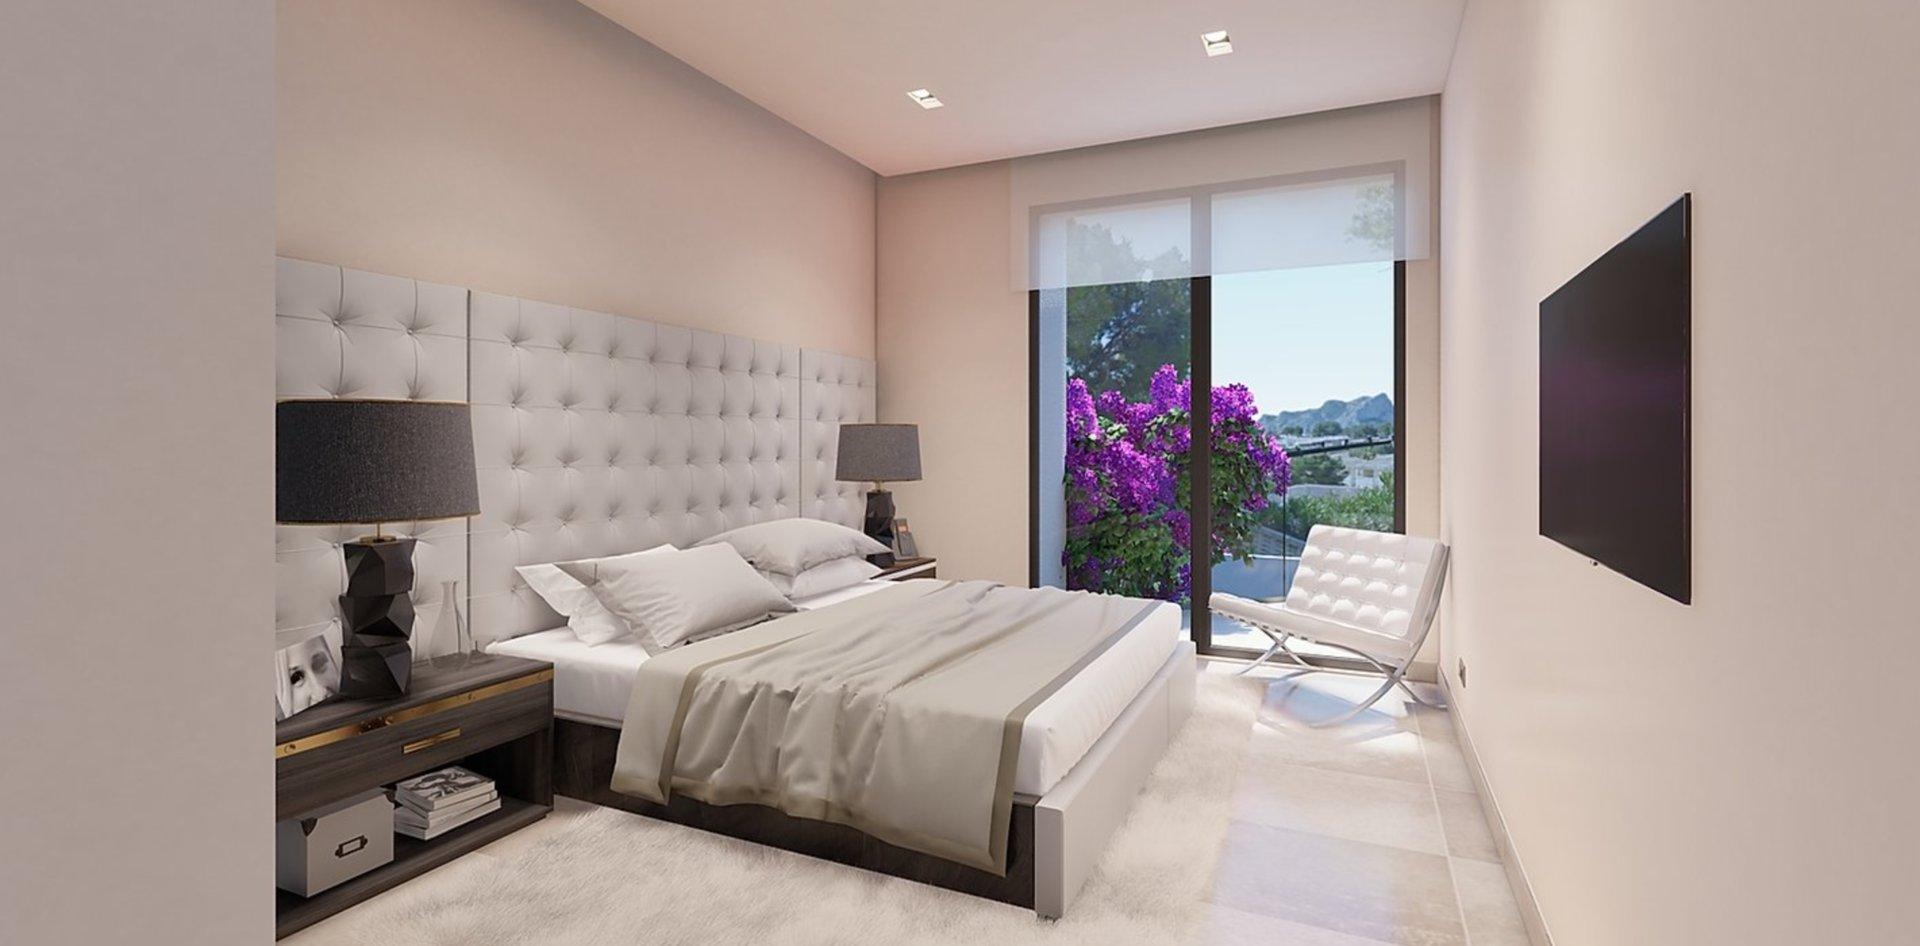 Gelijkvloerse villa met 3 slaapkamers